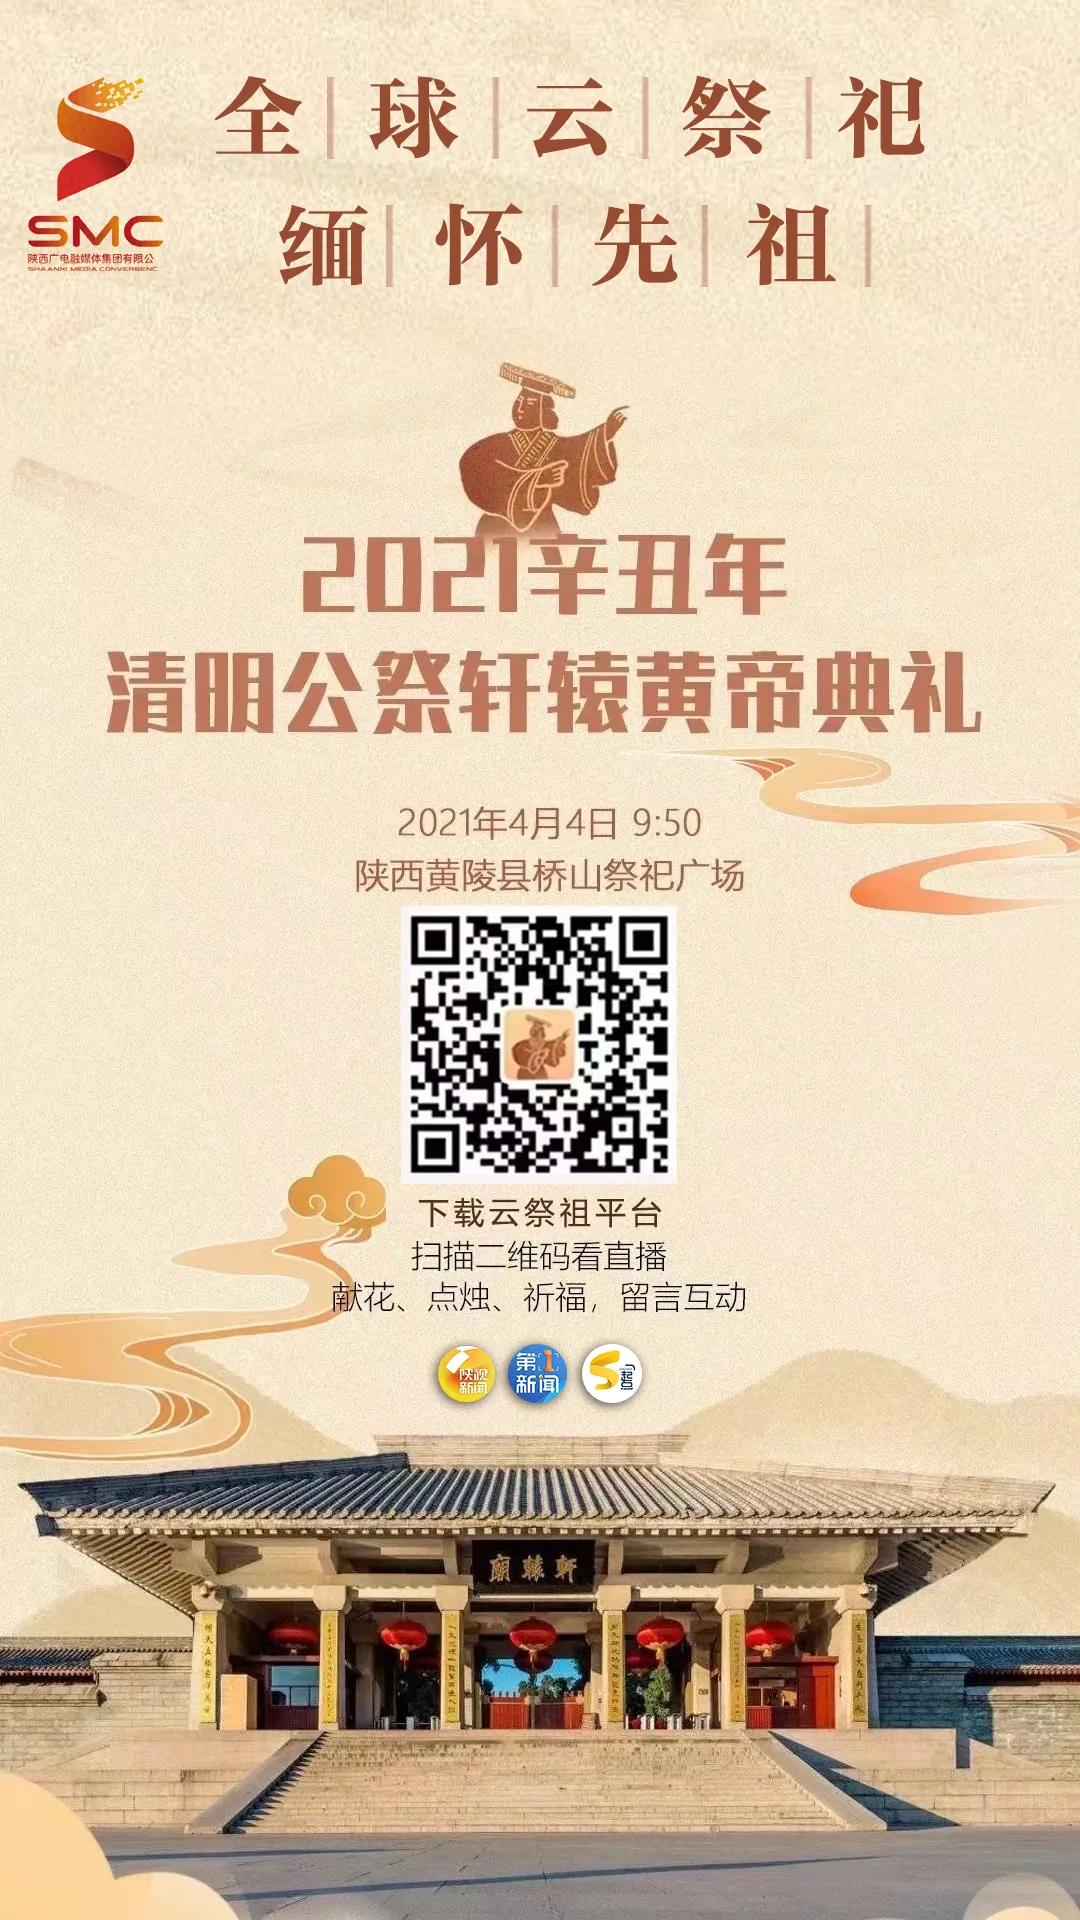 清明祭祖 寻根黄陵!辛丑(2021)年清明公祭轩辕黄帝典礼在陕西黄帝陵举行